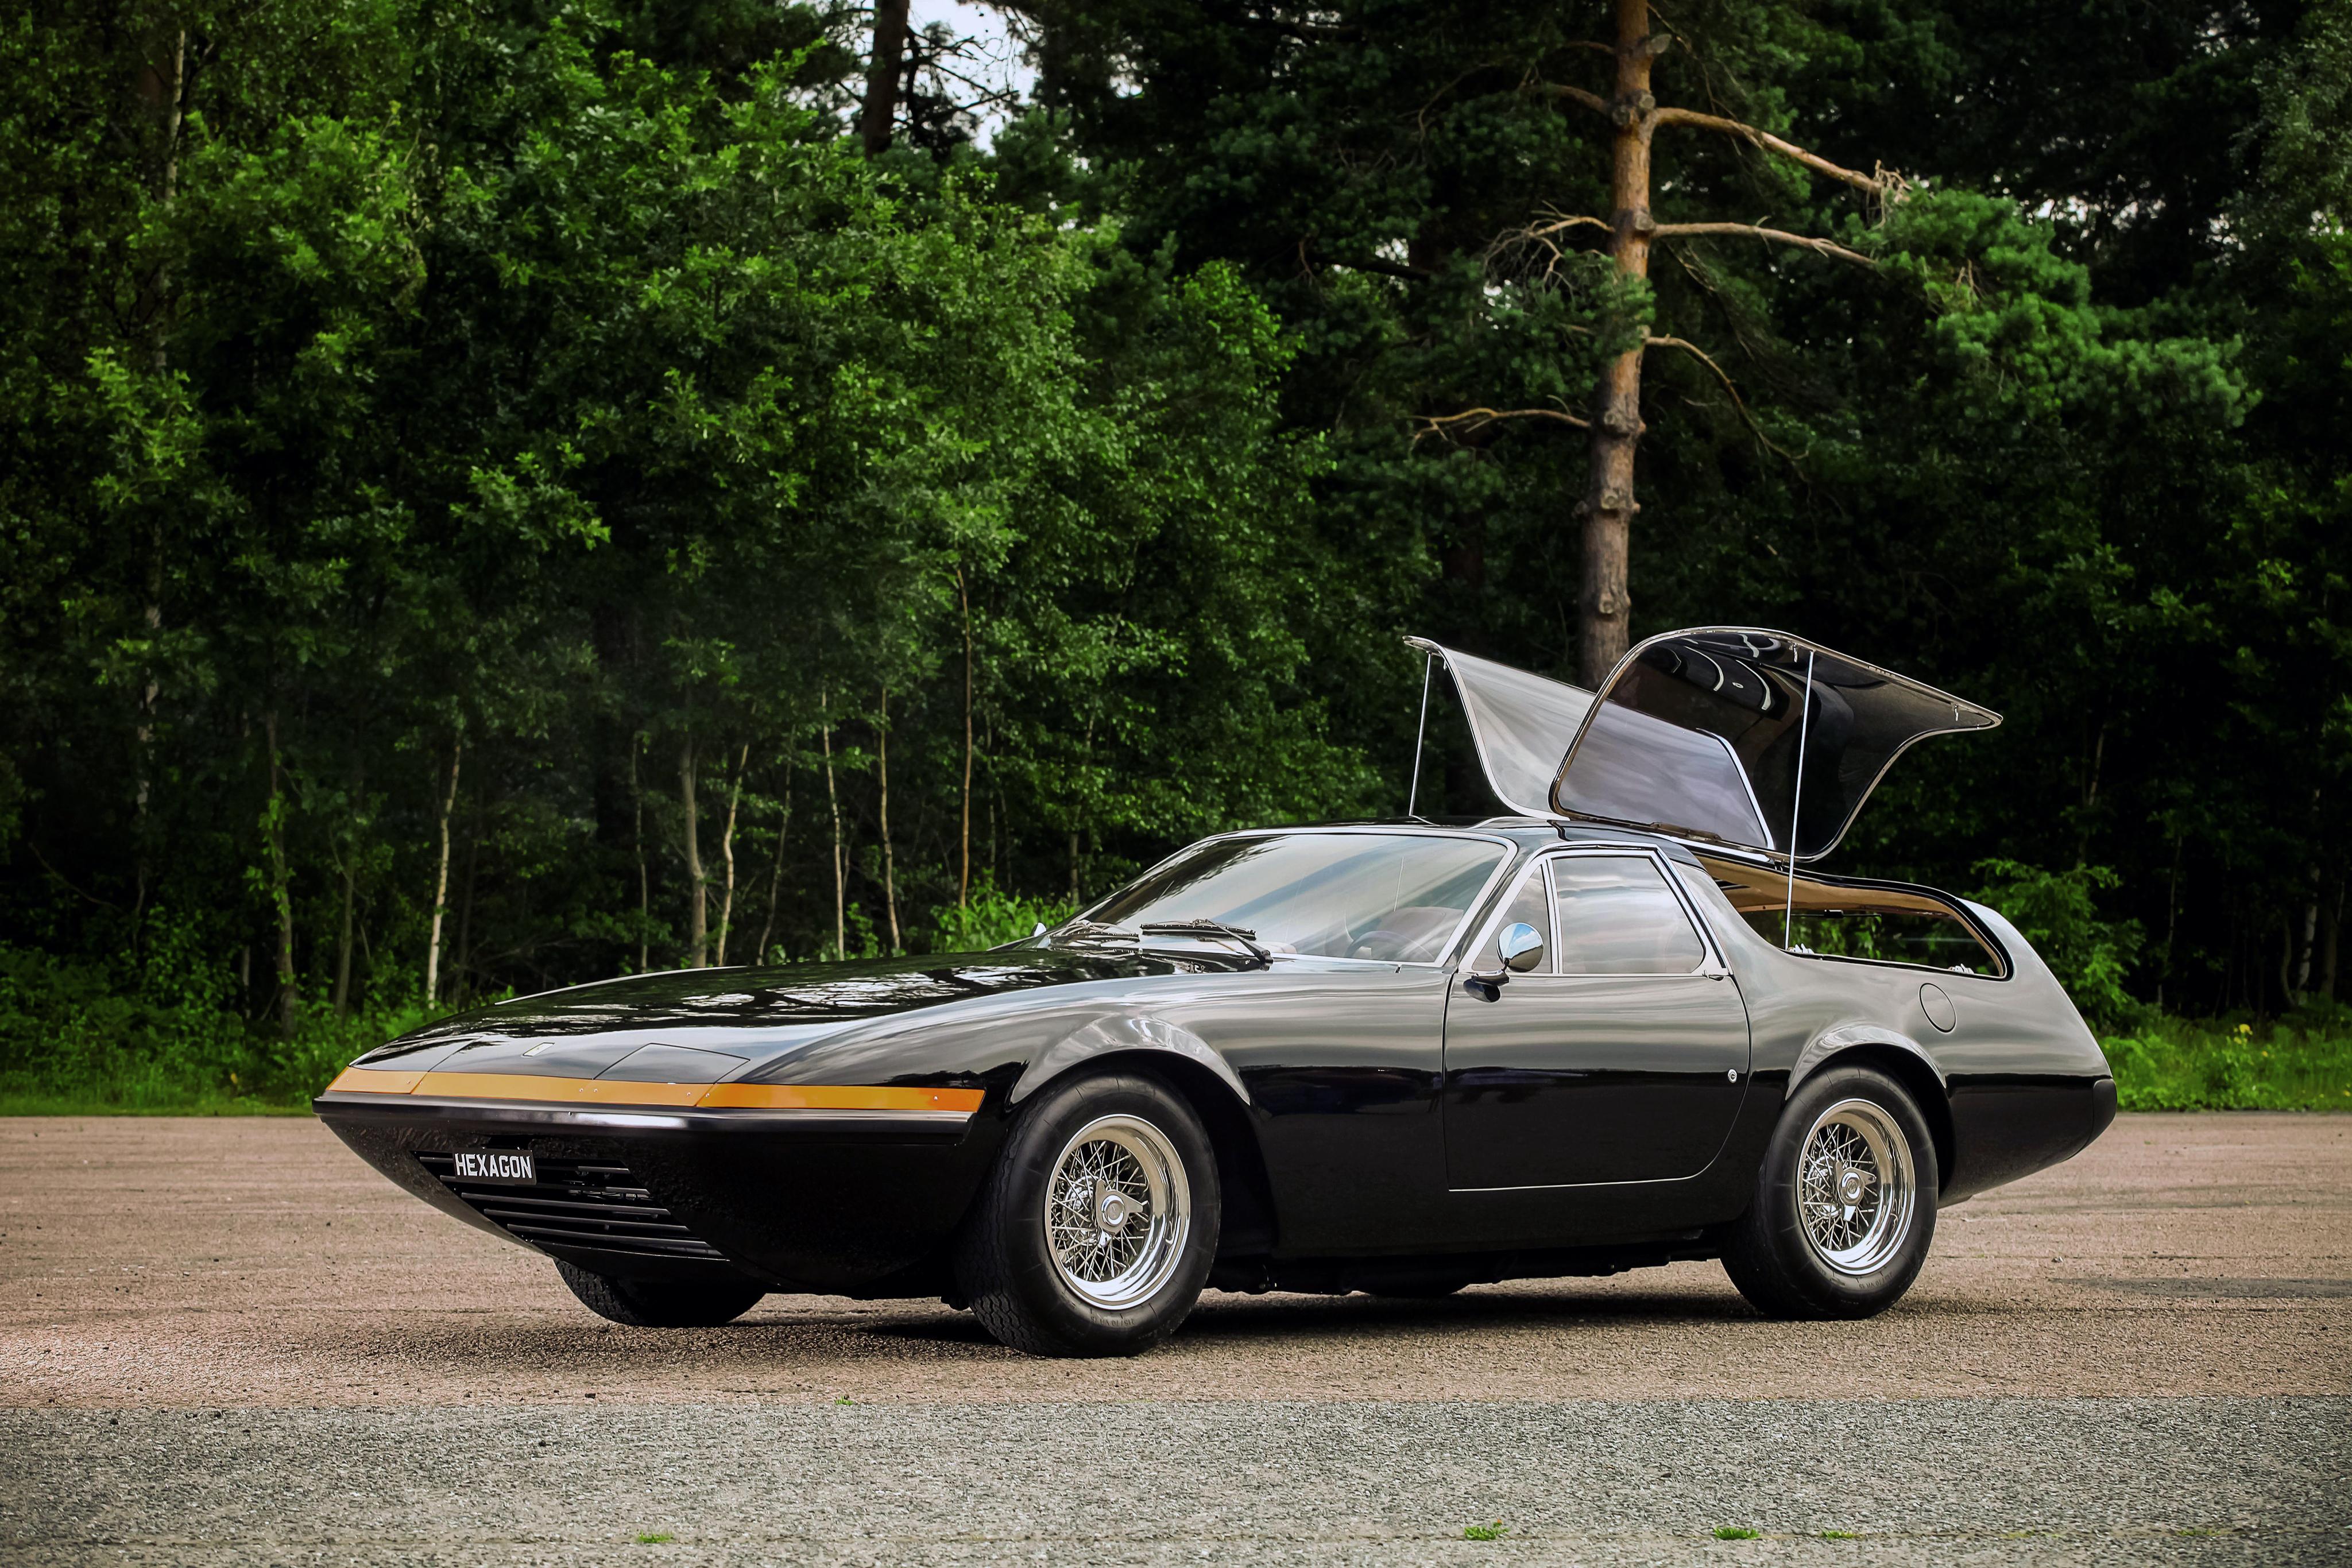 Ferrari 365 GTB 4 Panther Shooting Brake